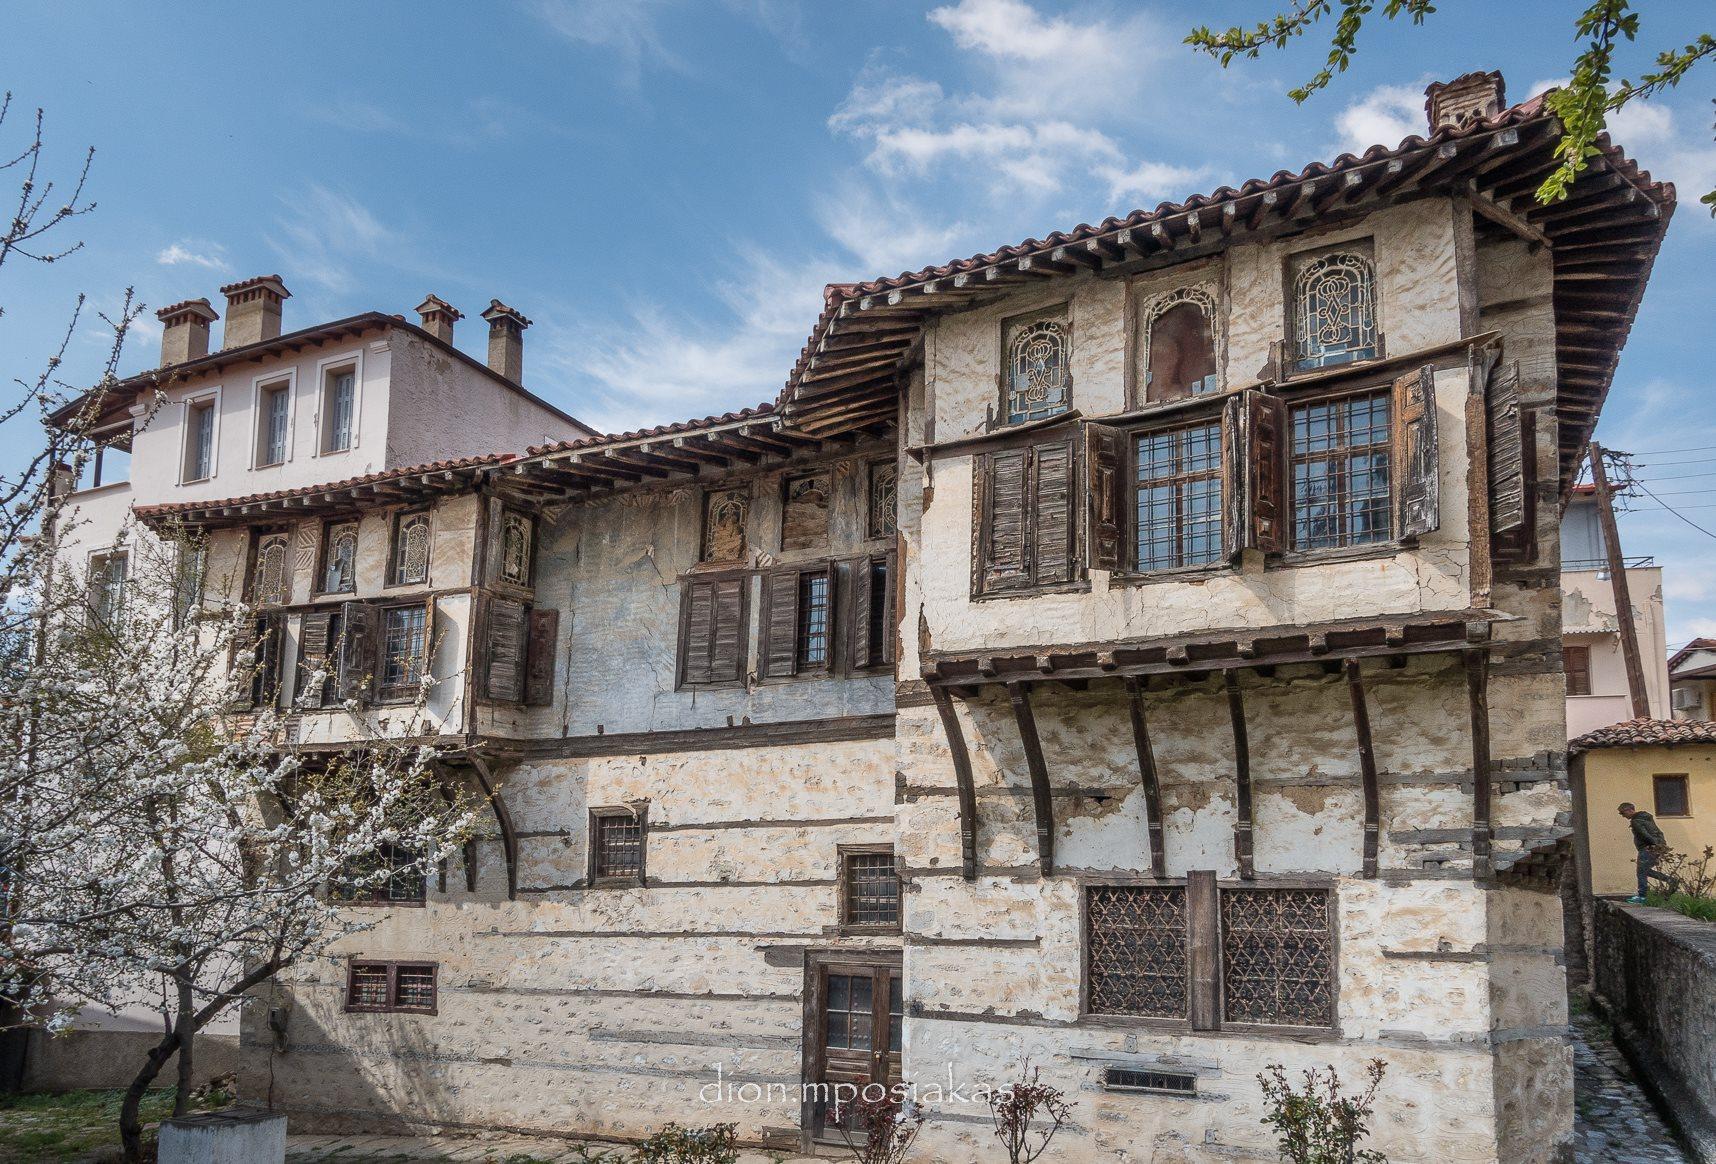 Παλιό αρχοντικό στη Σιάτιστα © Dionisis Mposiakas